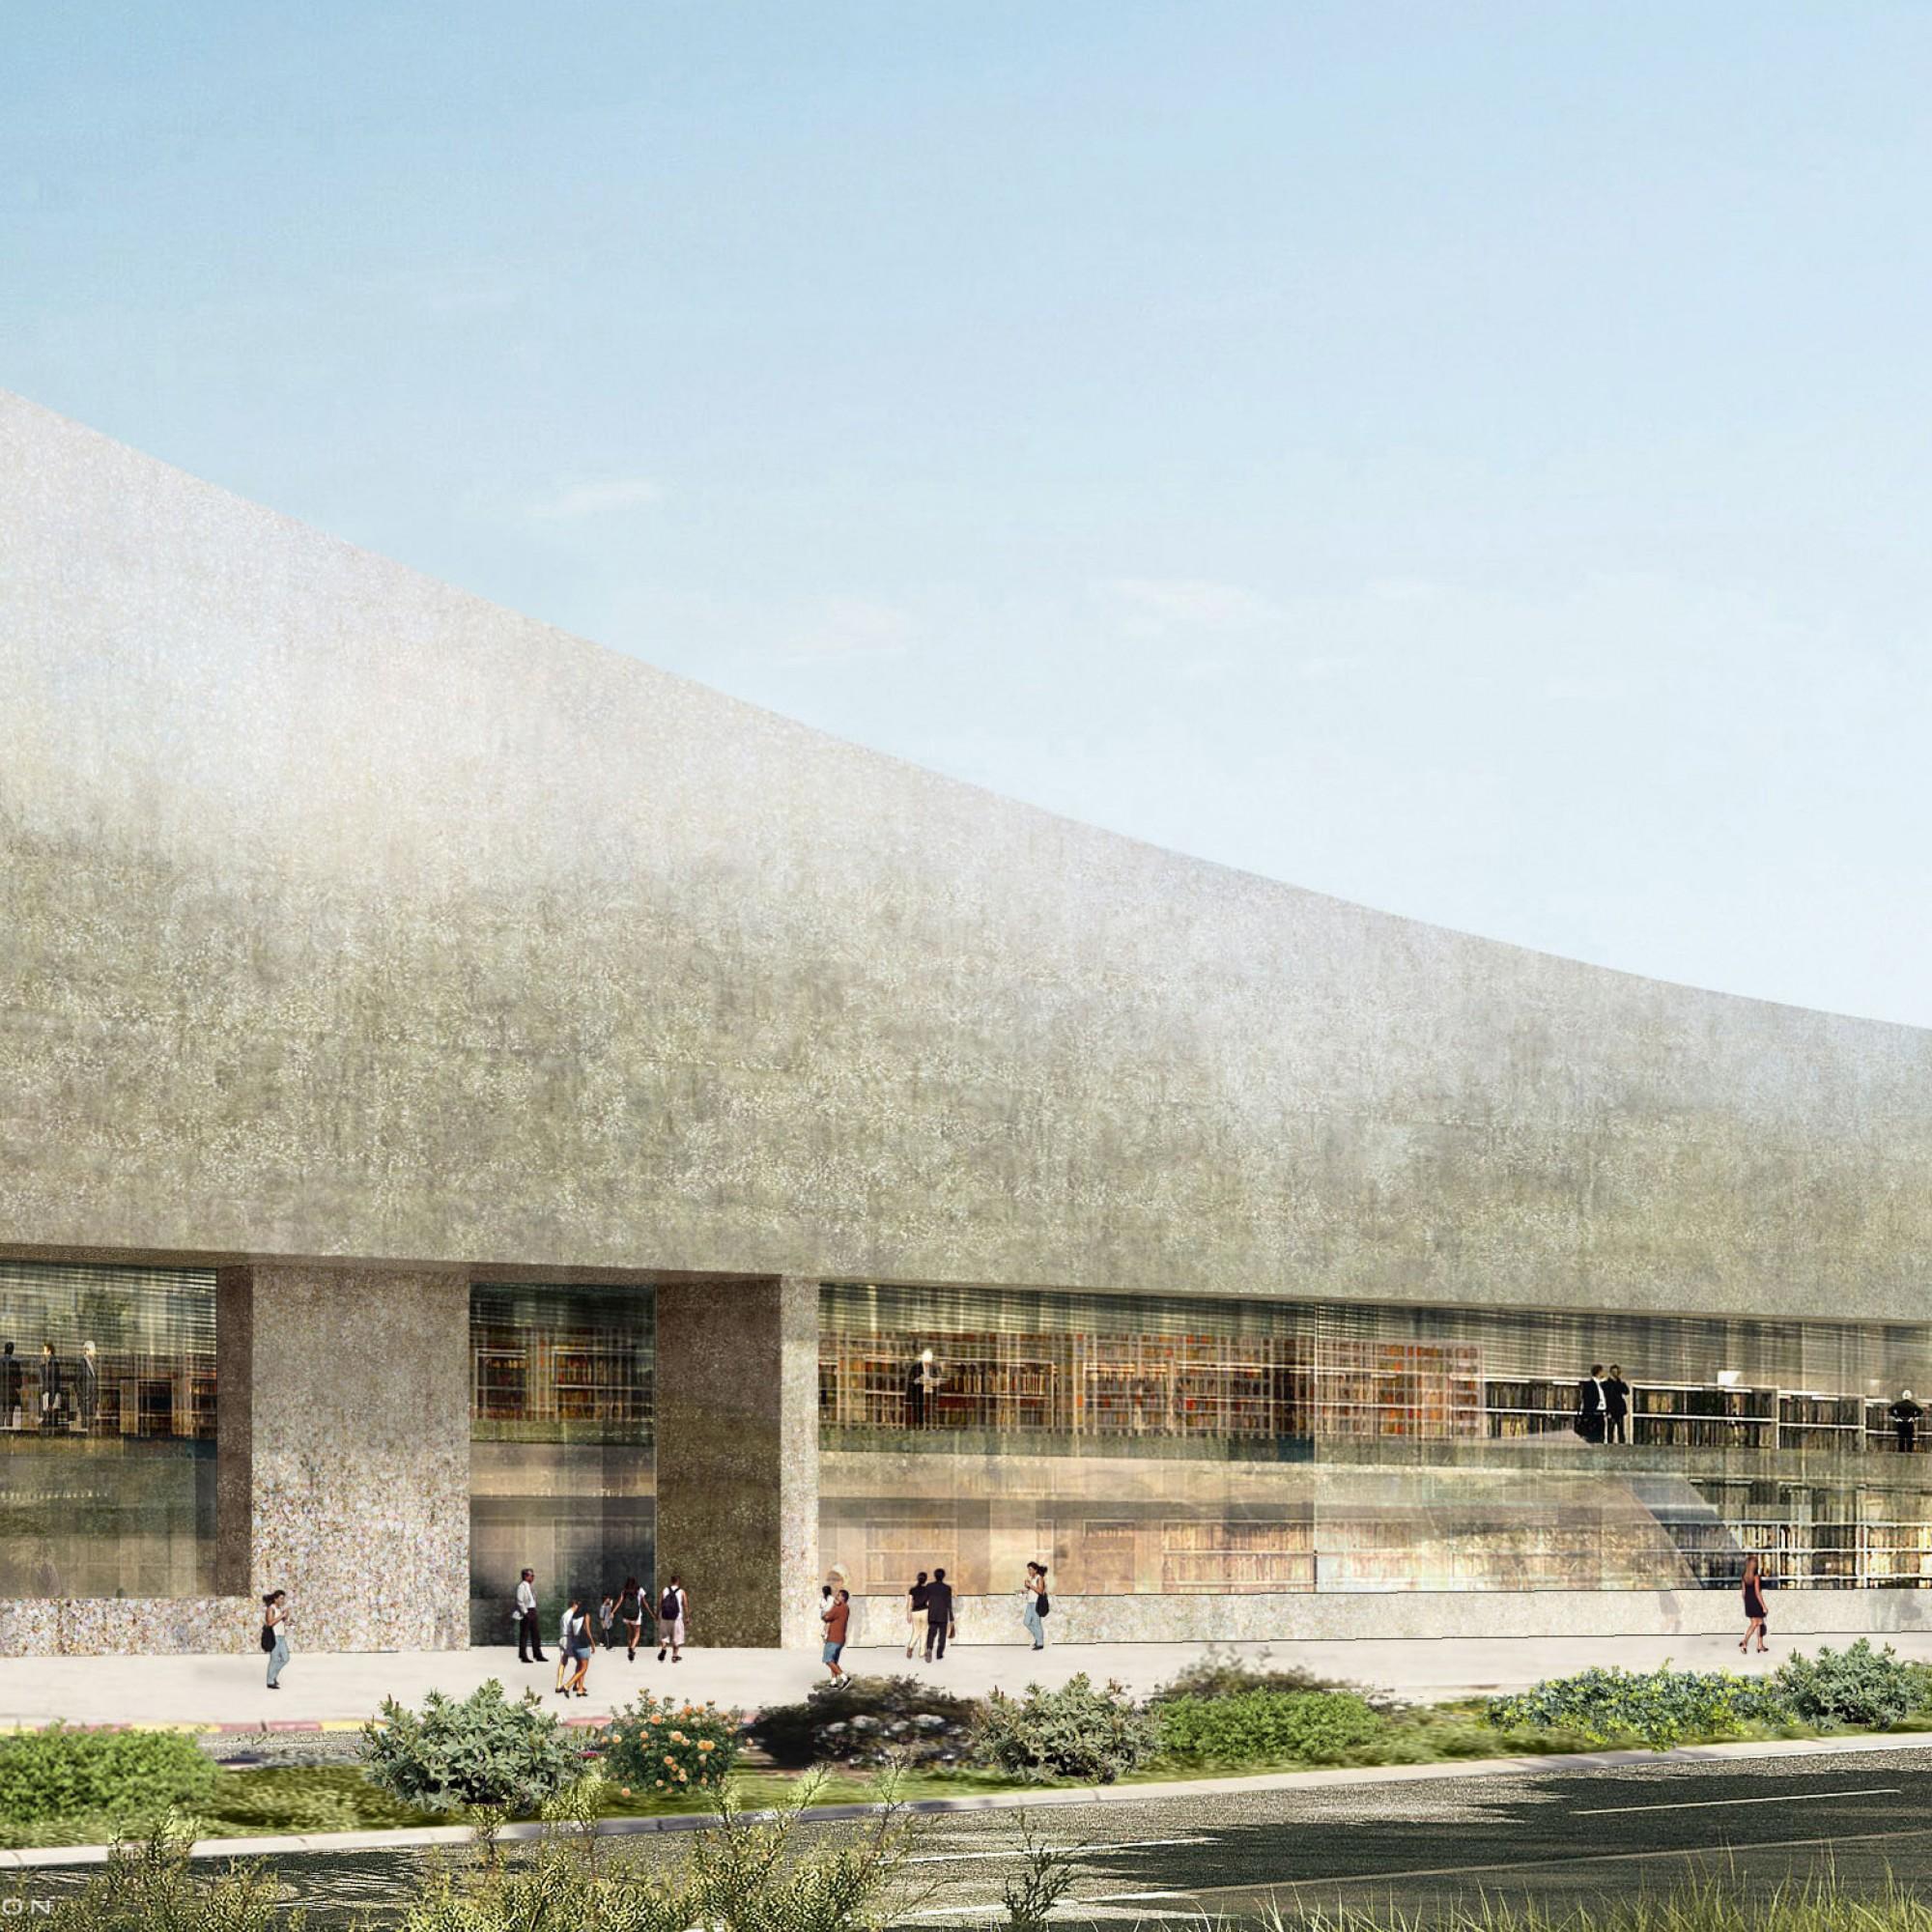 ist das Wahrzeichen der neuen Bibliothek aus der Feder von Herzog & de Meuron. (zvg)